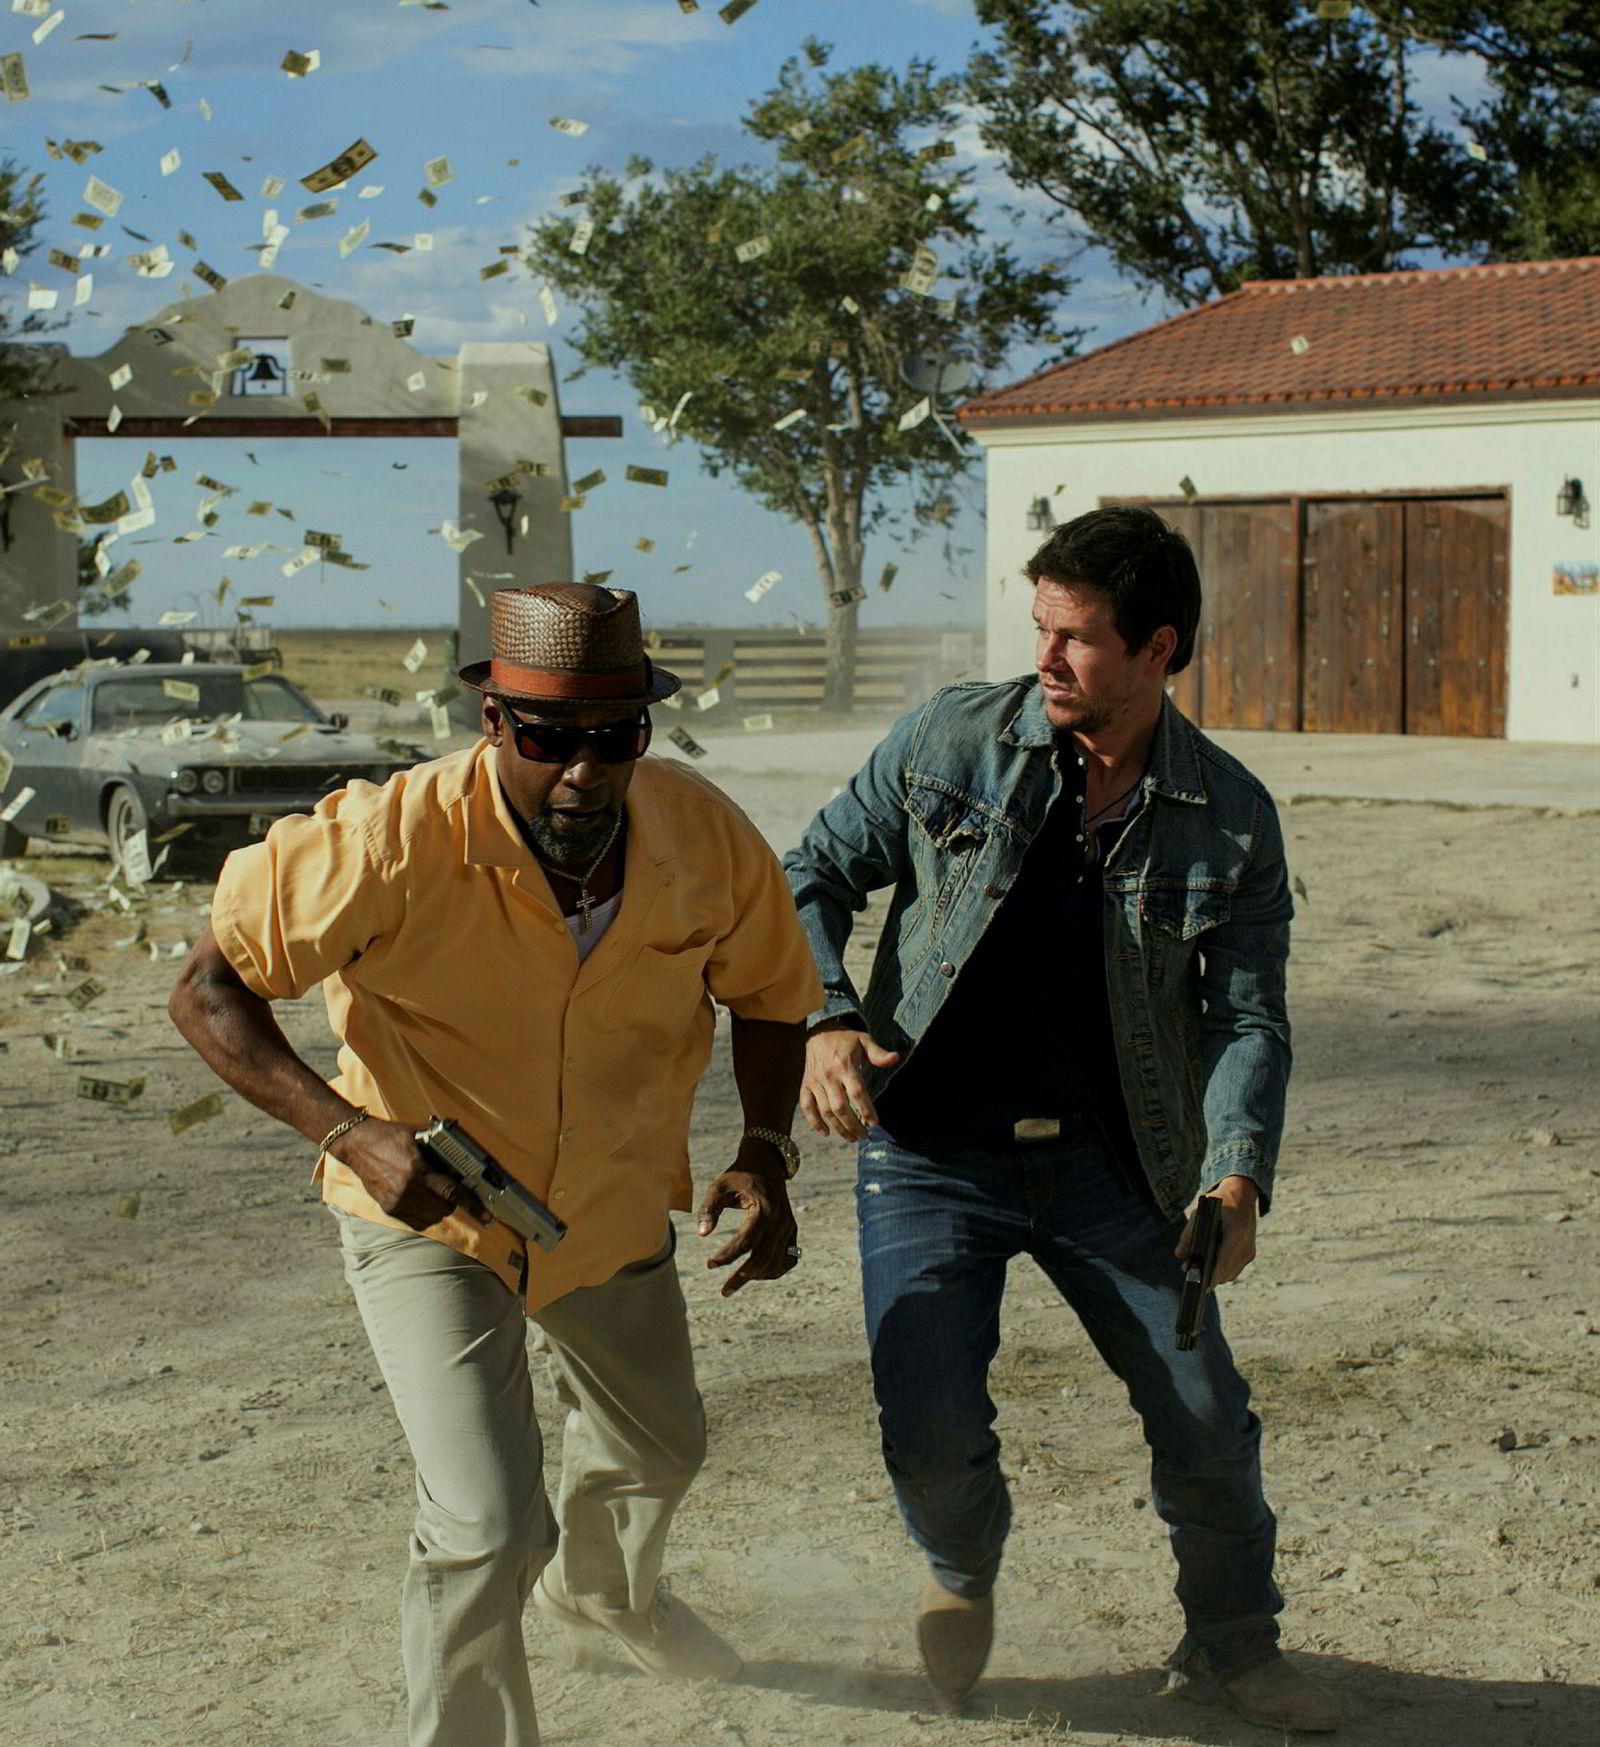 Blant filmene Herrick Entertainment har produsert er actionfilmen «2 Guns» med Denzel Washington og Mark Wahlberg i hovedrollene.